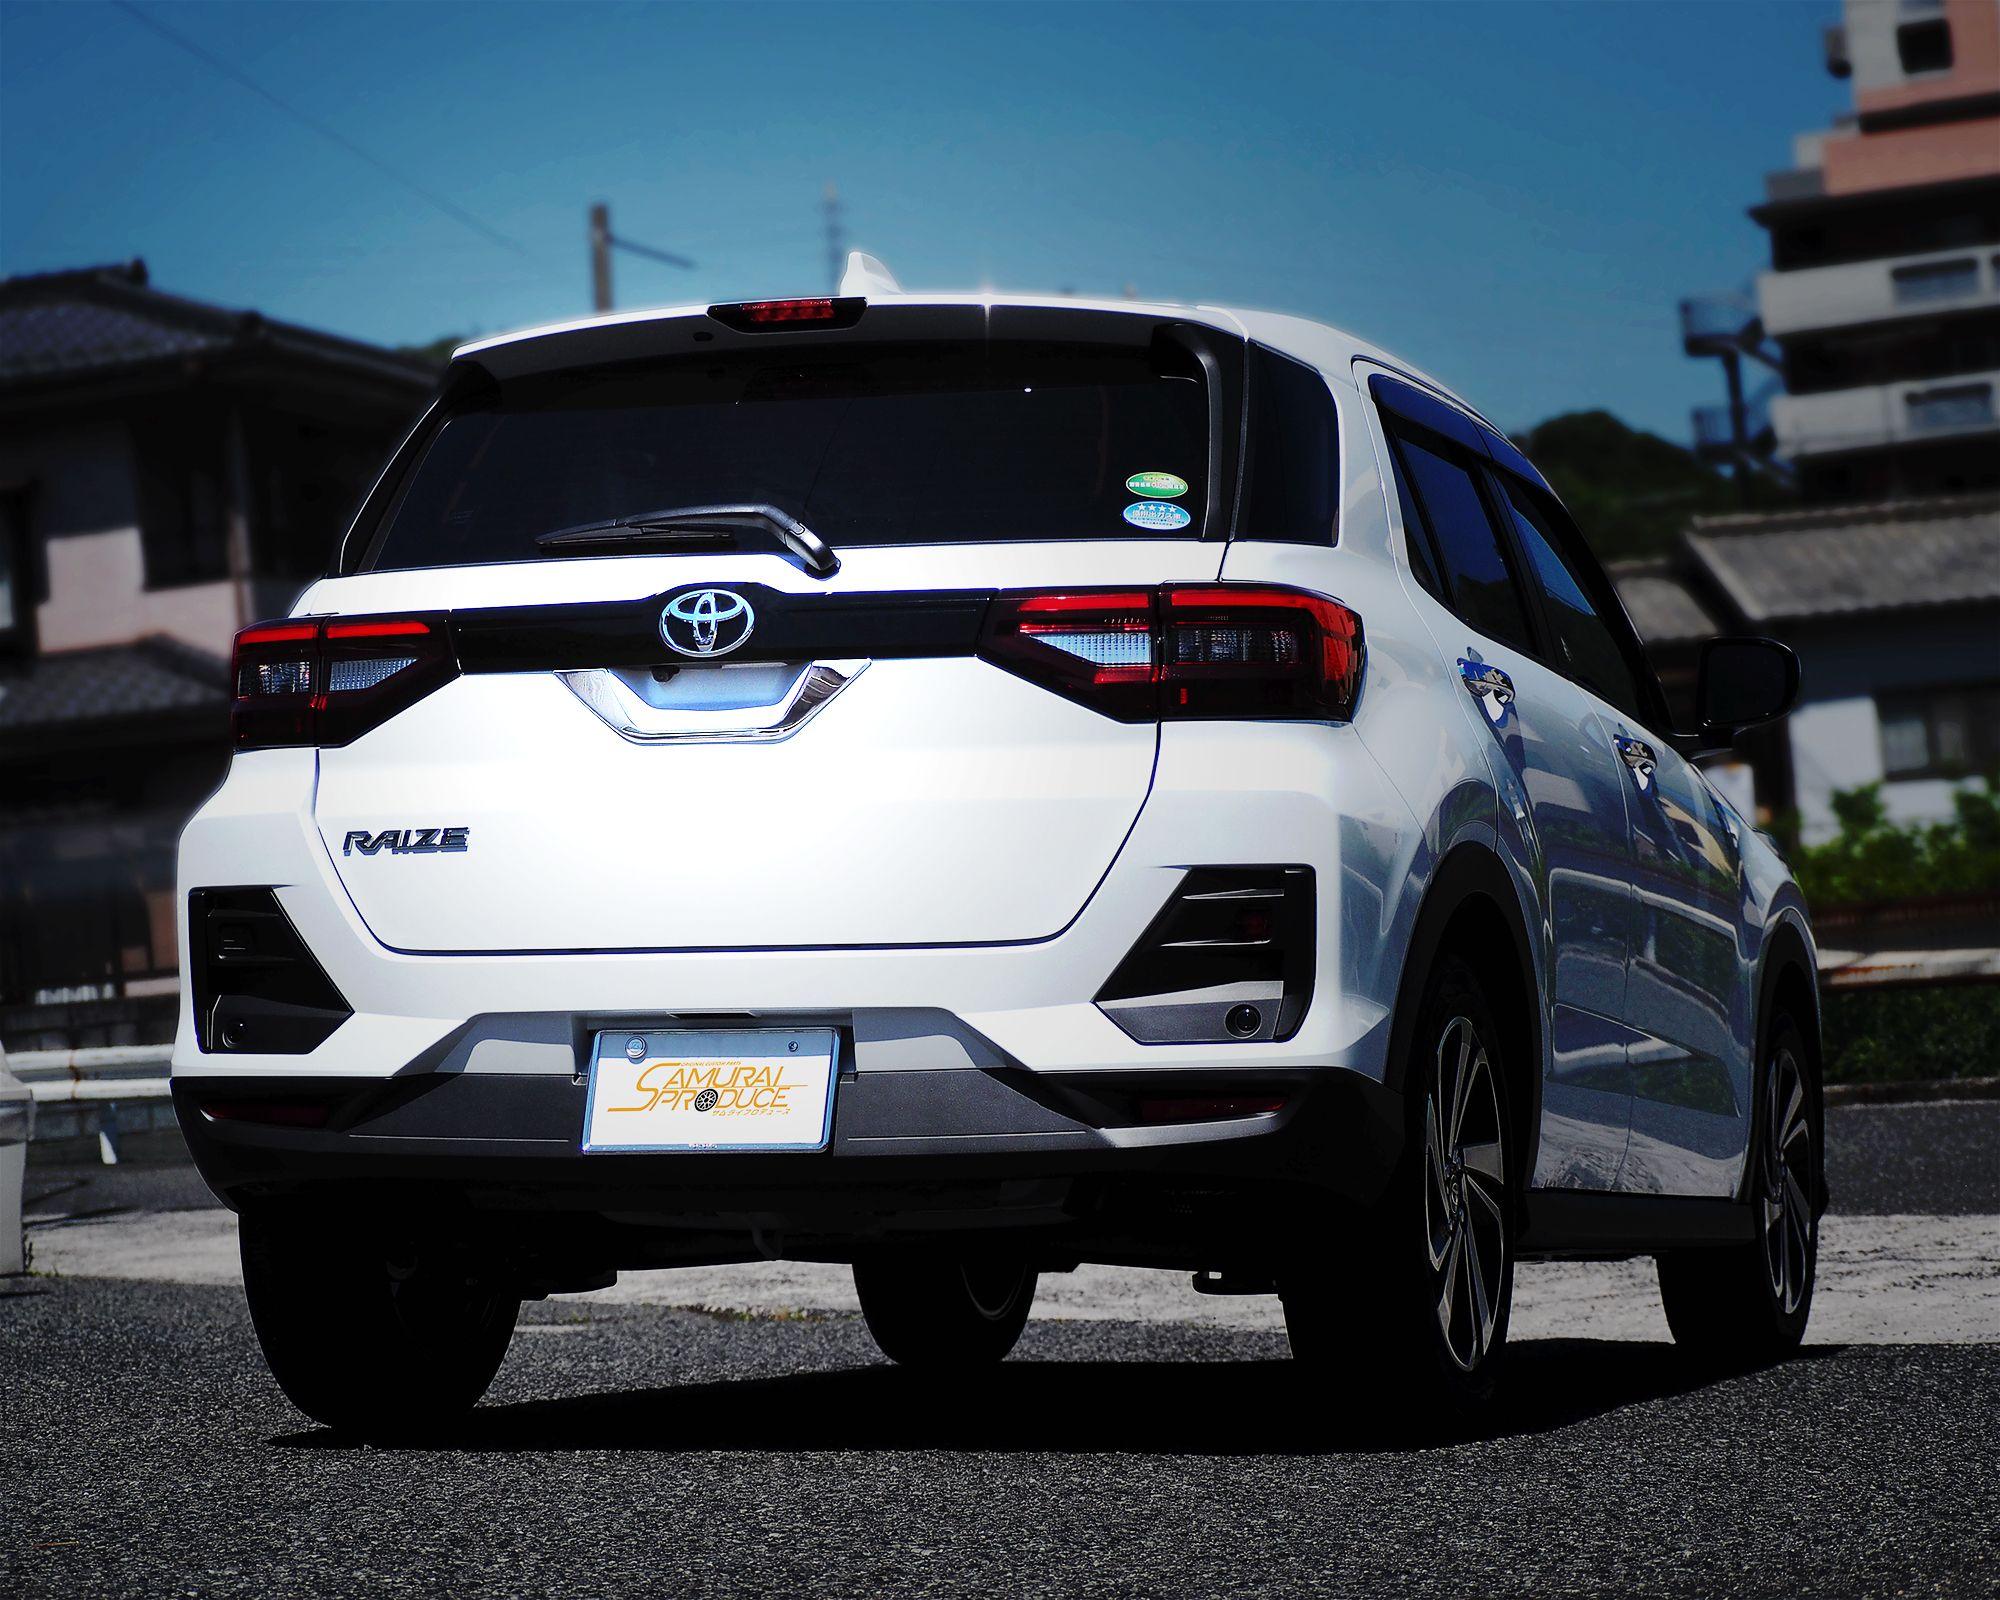 ライズ ロッキー リアエンブレム周り ガーニッシュ 鏡面仕上げ 1p Toyota Raize Daihatsu Rocky カスタム パーツ アクセサリー リアゲート バックドア エクステリア ロッキー ダイハツ エアロ